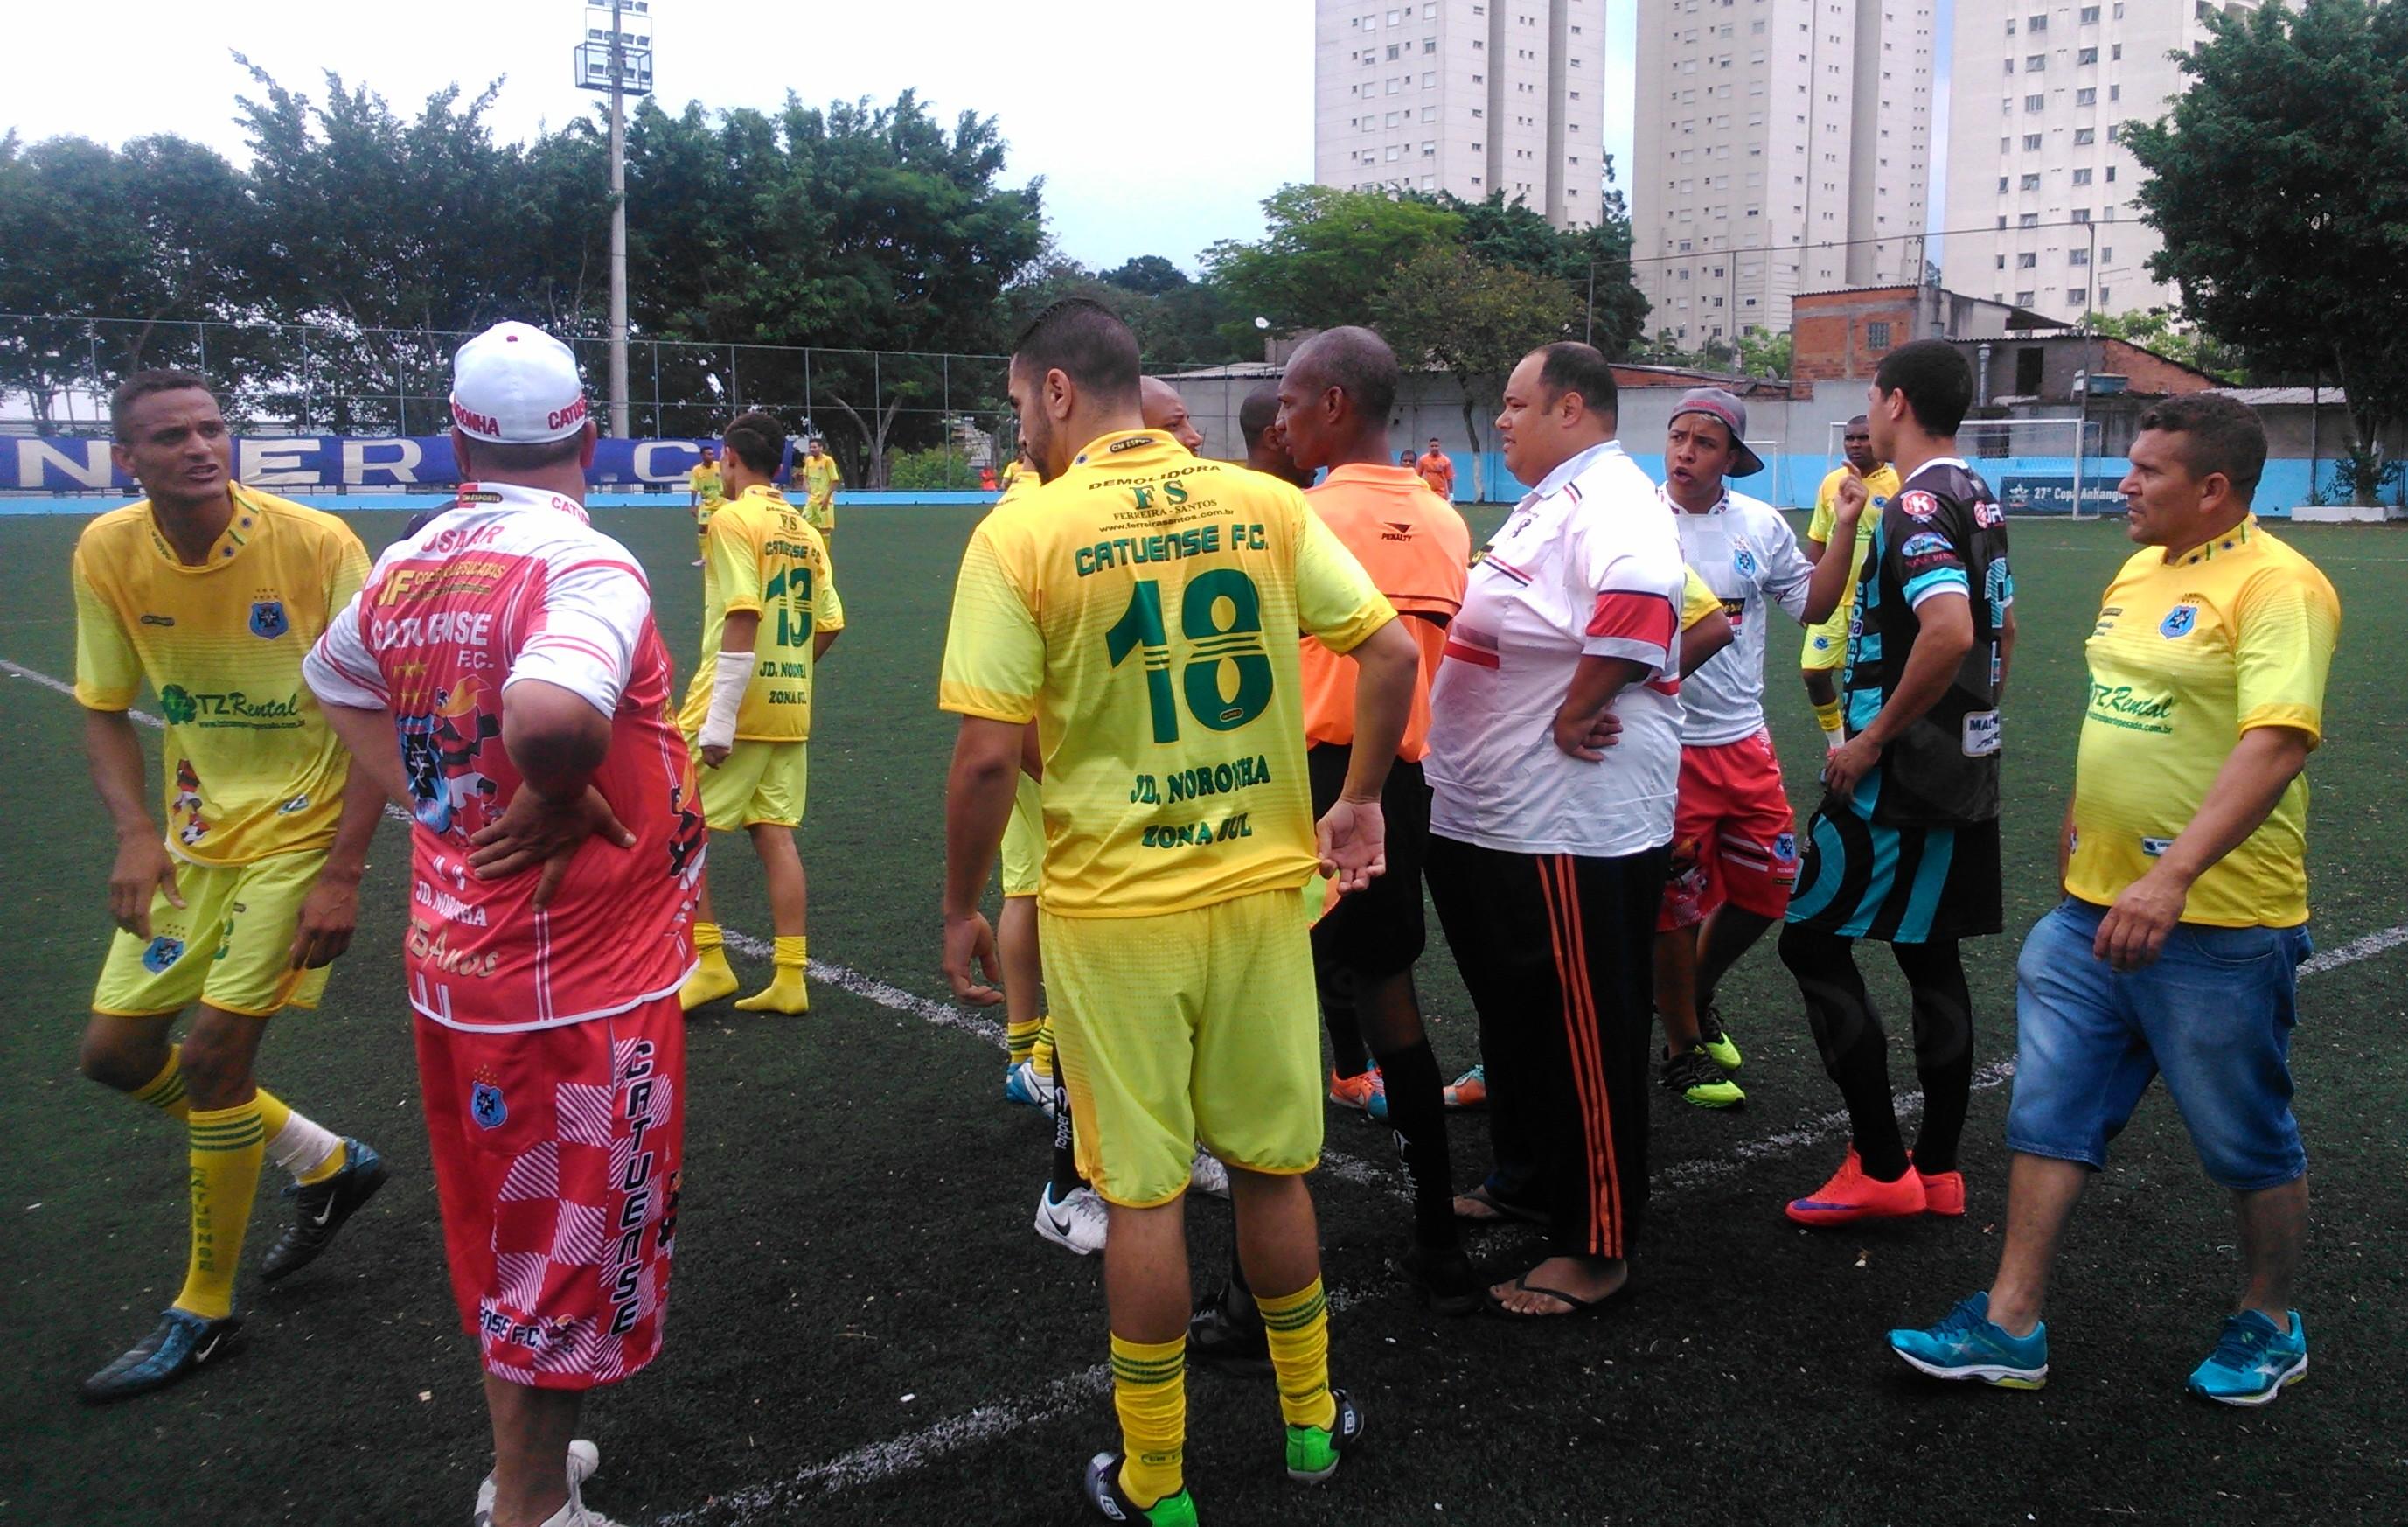 Em jogo confuso, Pioneer vence o Catuense avança para a final de domingo da Copa Capela do Socorro